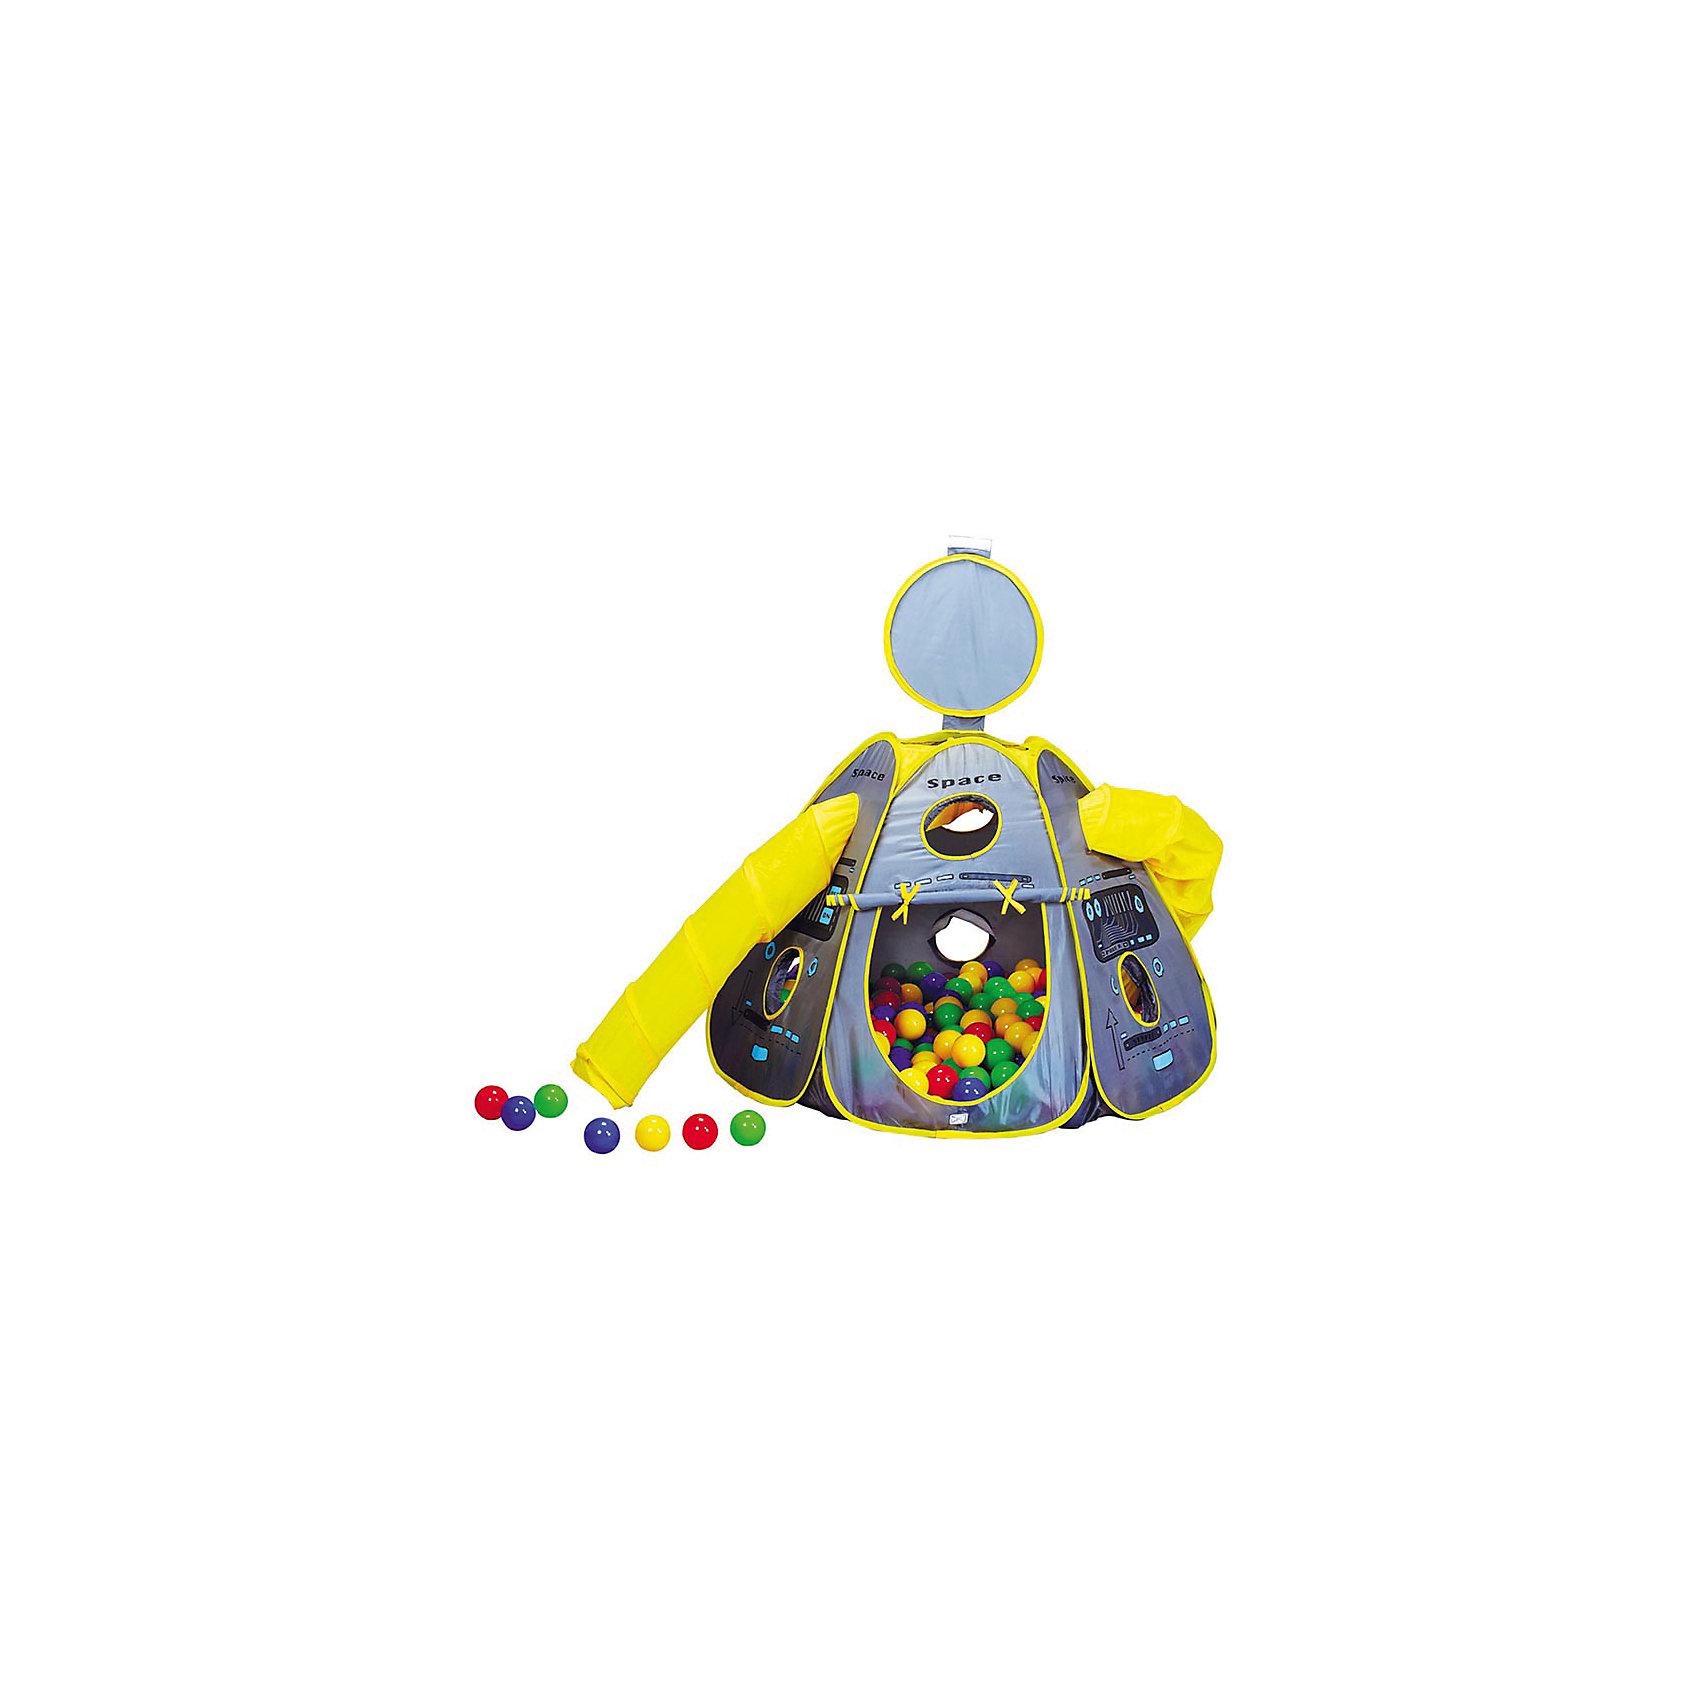 Игровой дом Космический корабль, 100х100х80 см, CALIDA<br><br>Ширина мм: 1000<br>Глубина мм: 1000<br>Высота мм: 800<br>Вес г: 2600<br>Возраст от месяцев: 36<br>Возраст до месяцев: 96<br>Пол: Унисекс<br>Возраст: Детский<br>SKU: 4785510